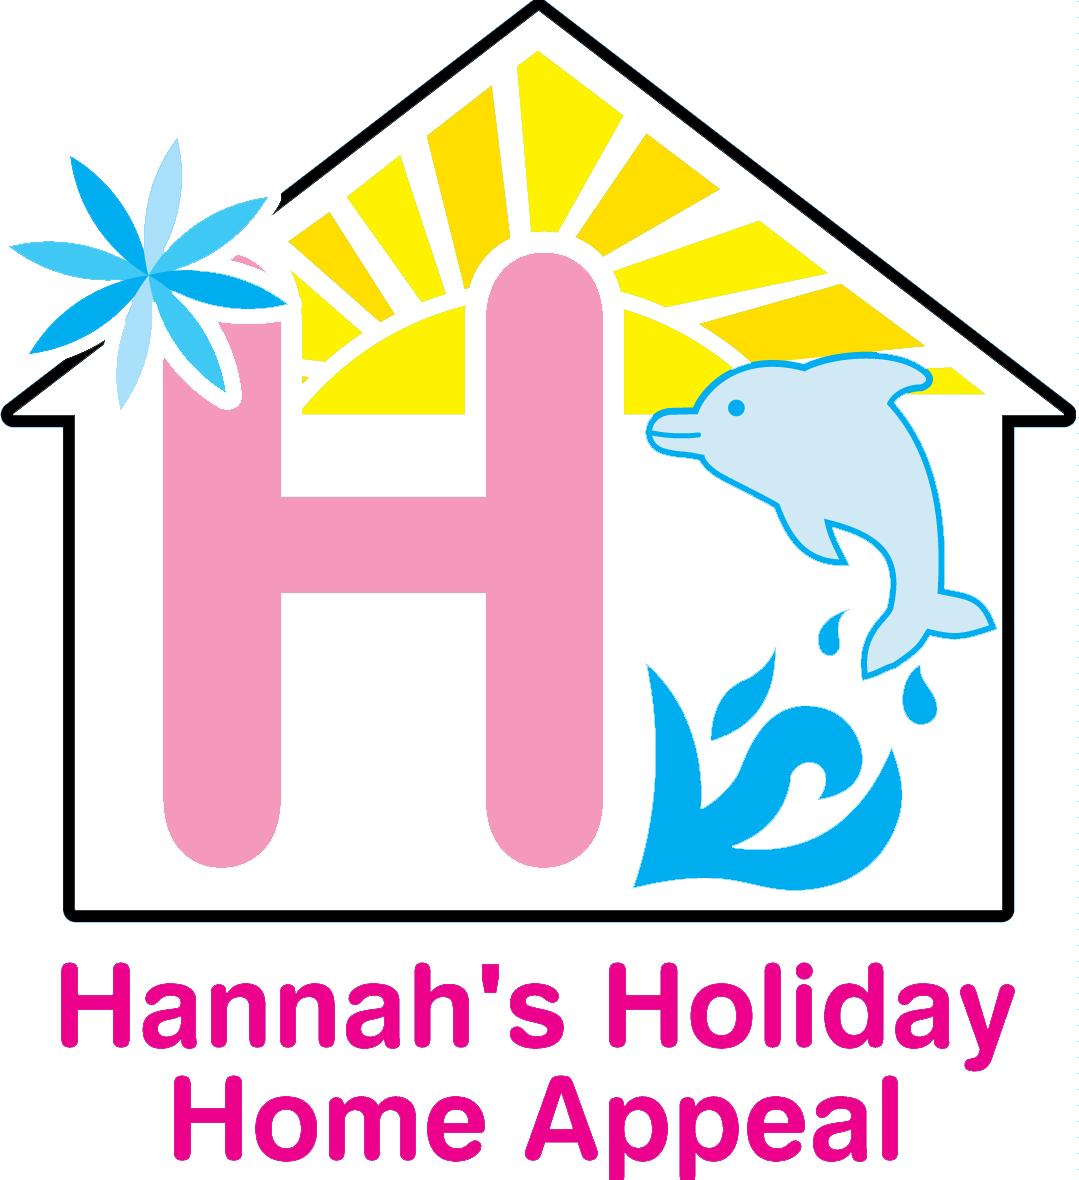 Hannah's Appeal